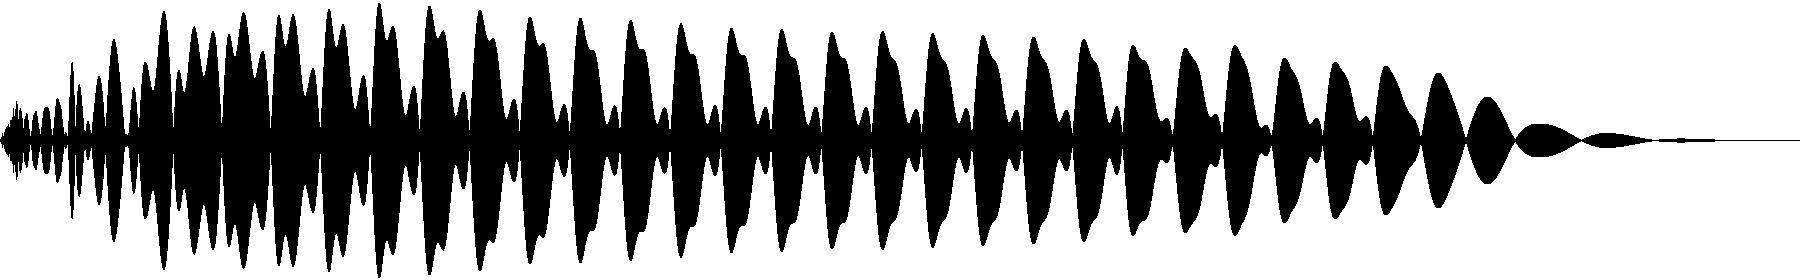 vedh bass cut 063 a